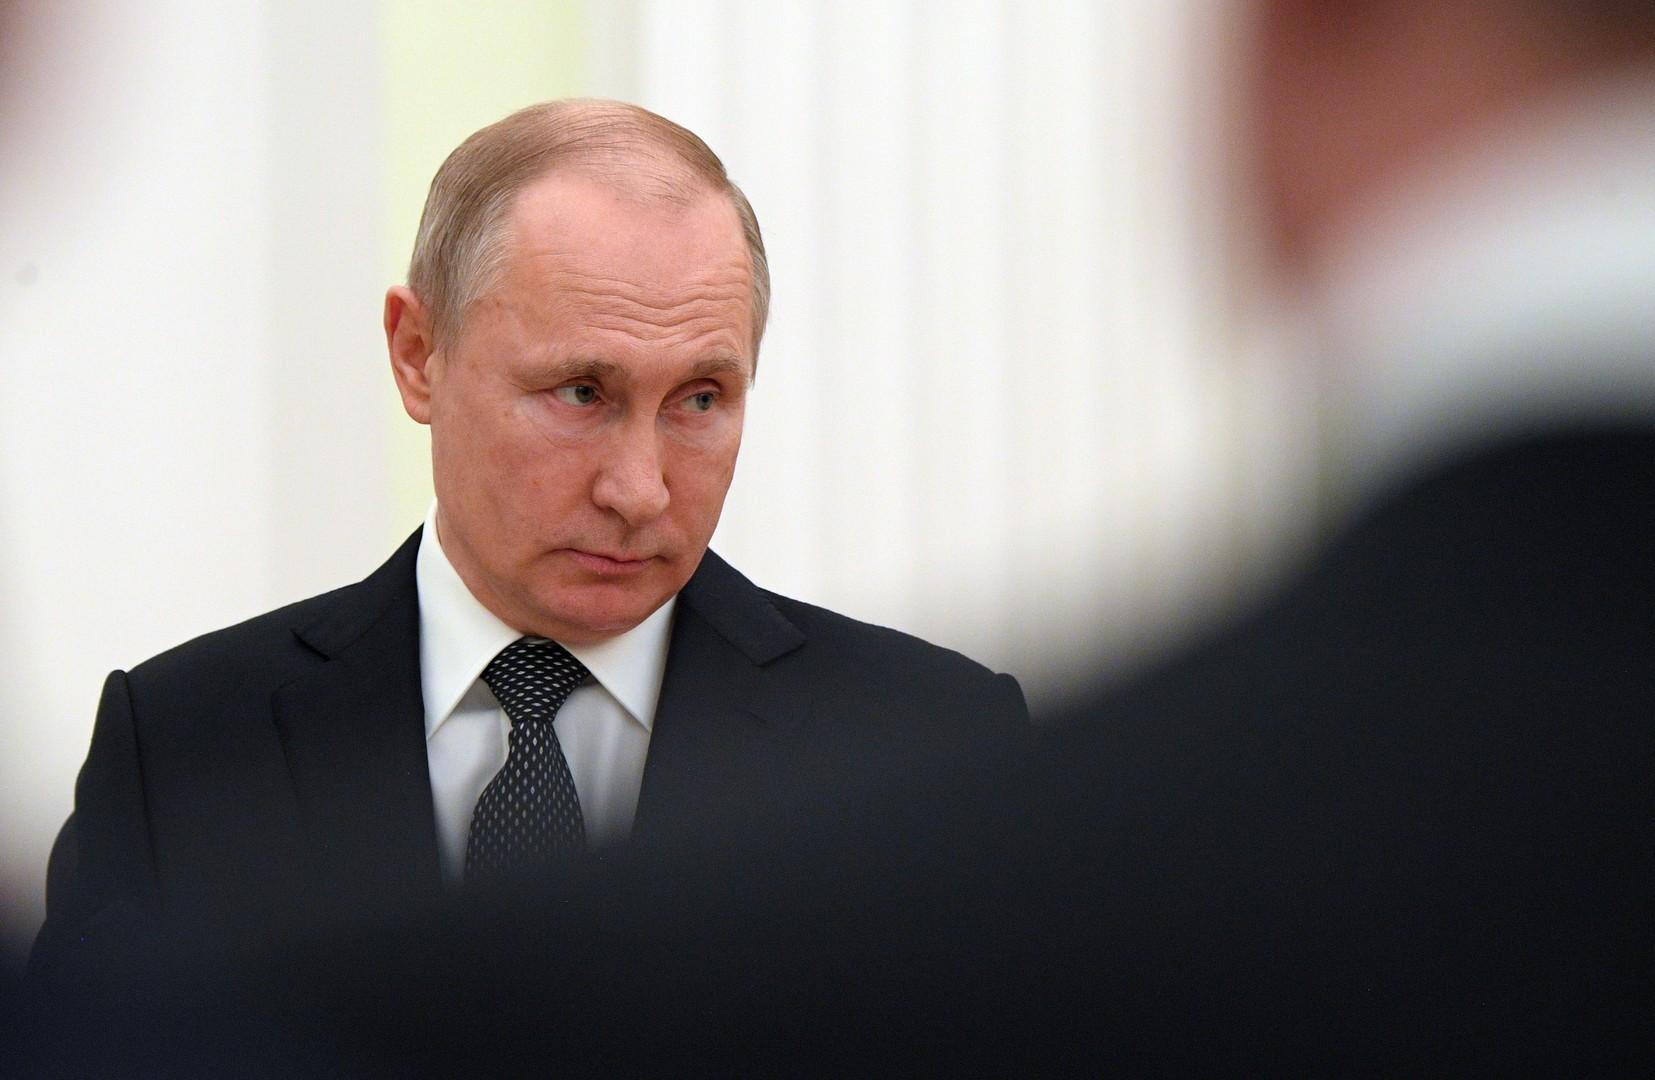 الكرملين: بوتين لا يخطط حاليا لعقد أي لقاء أو محادثات مع زيلينسكي